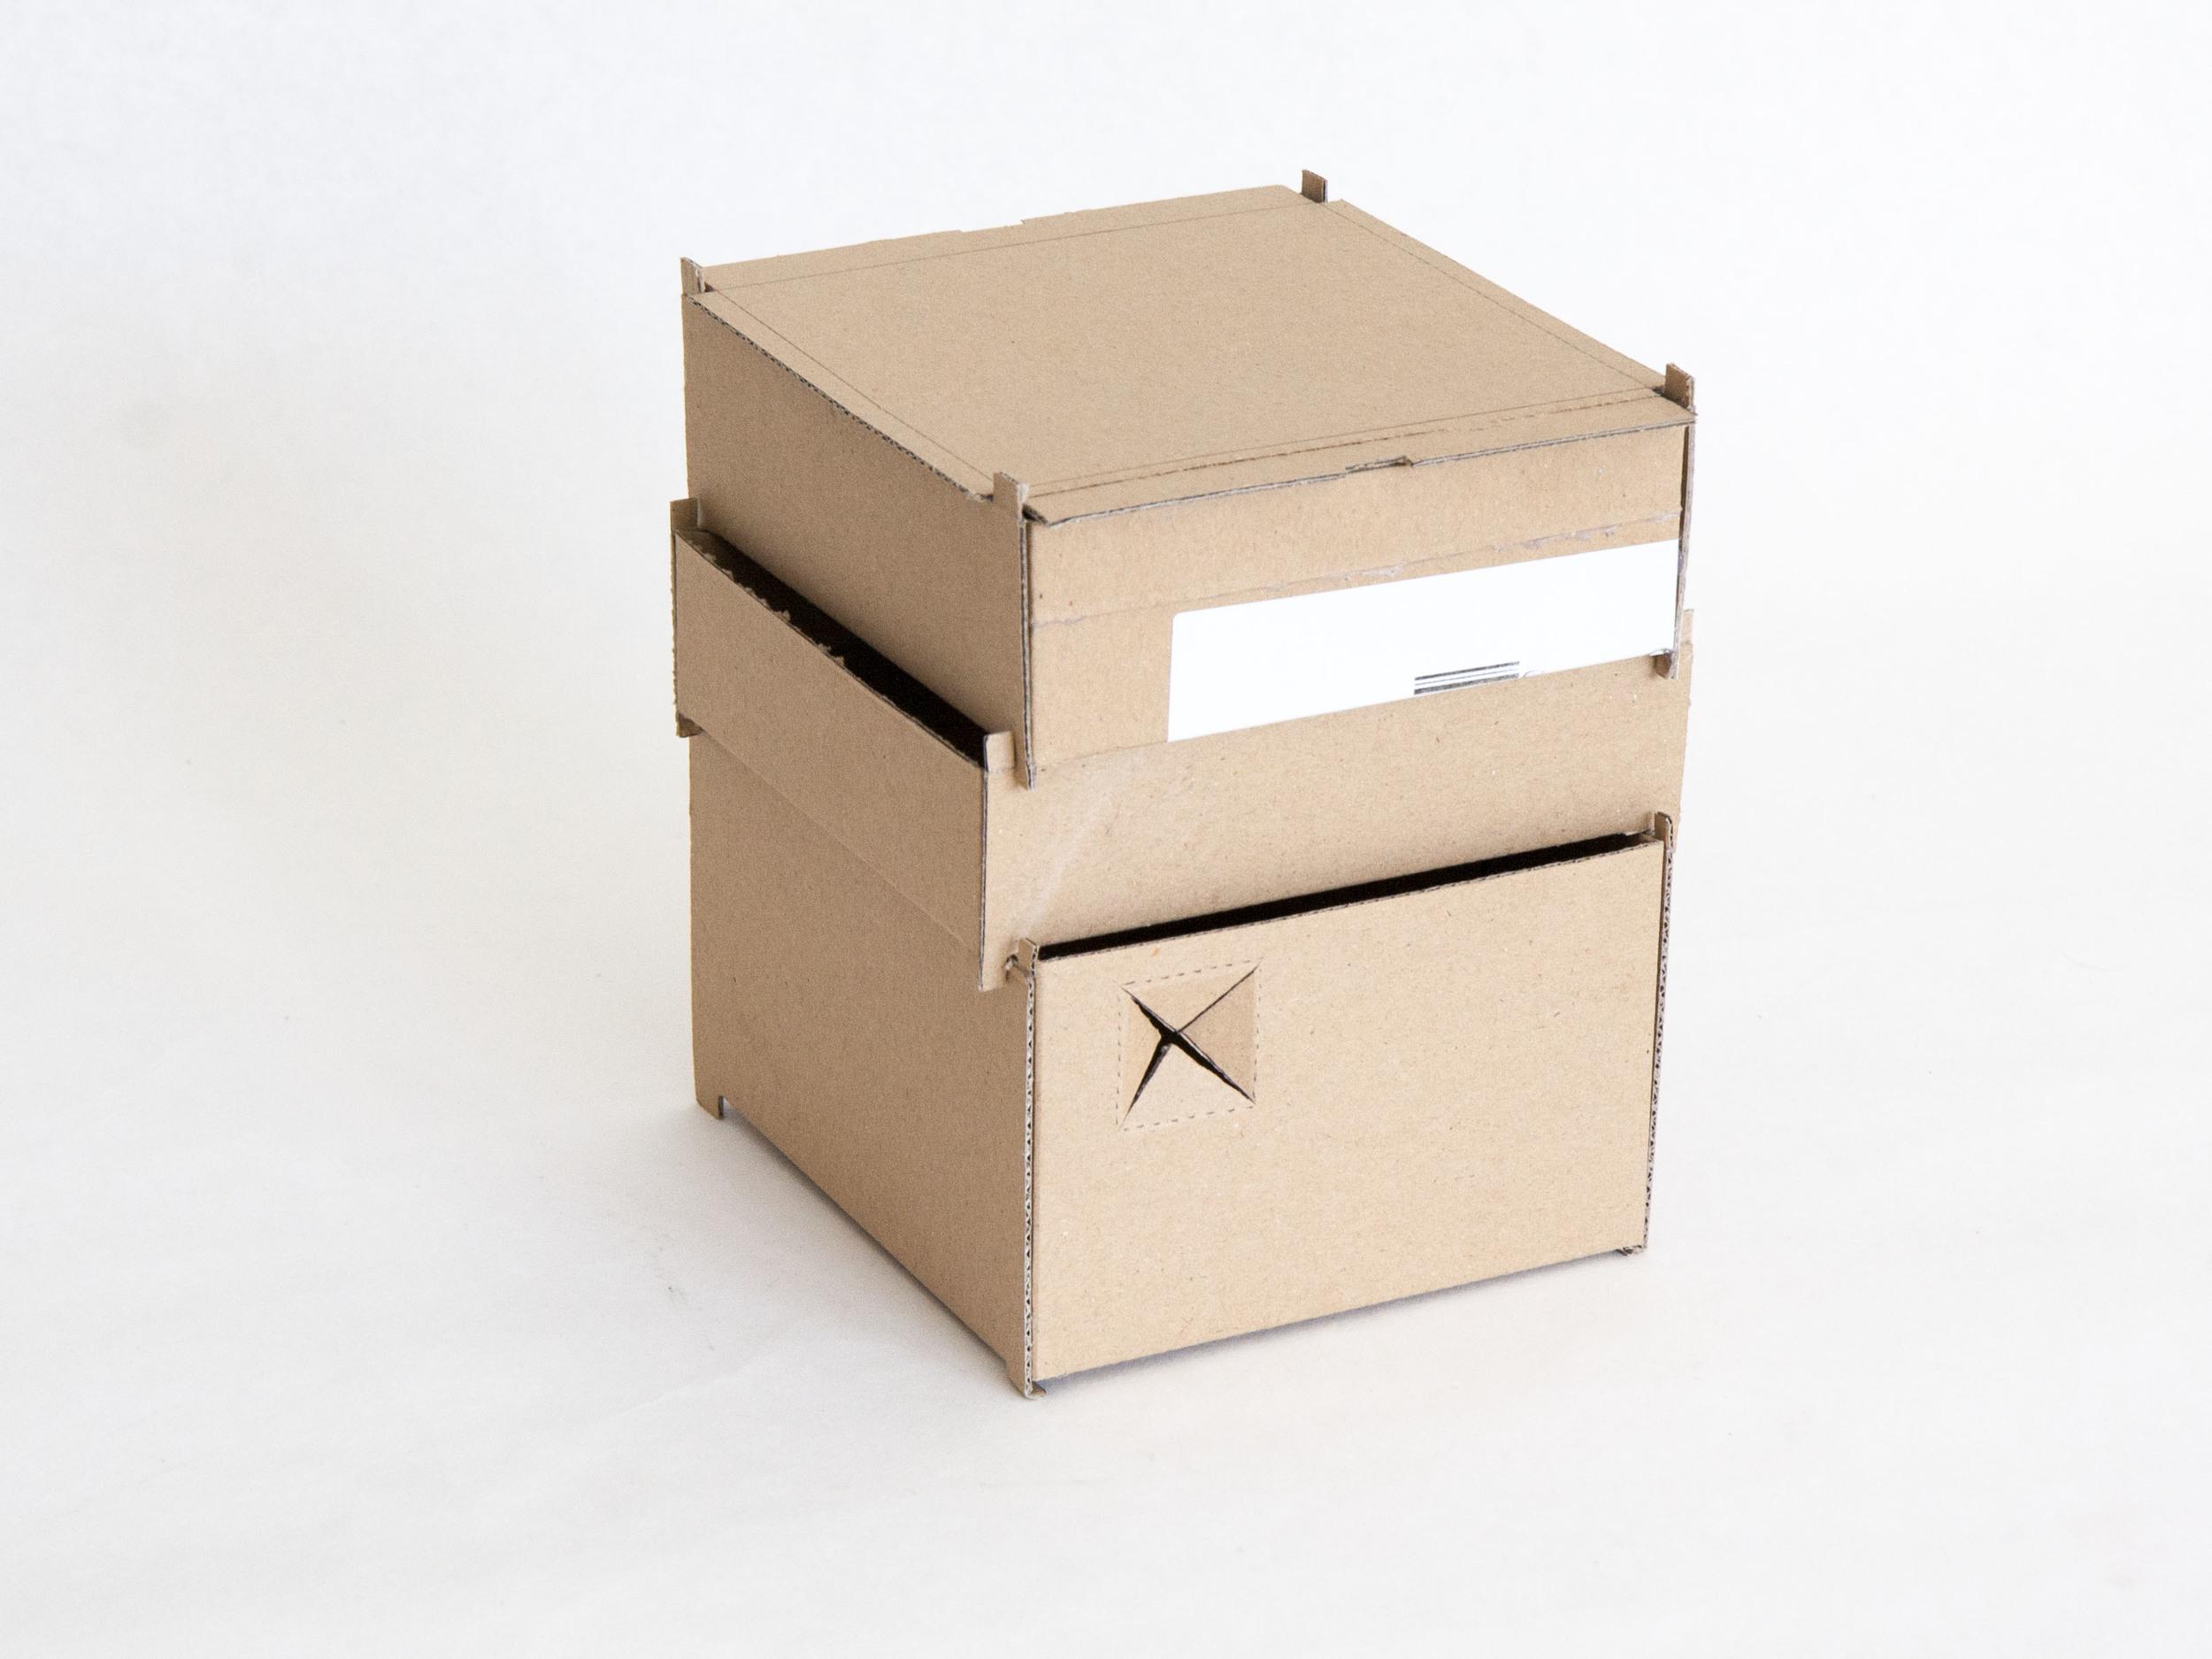 packaging_prozess_kreativkonsum04.jpg